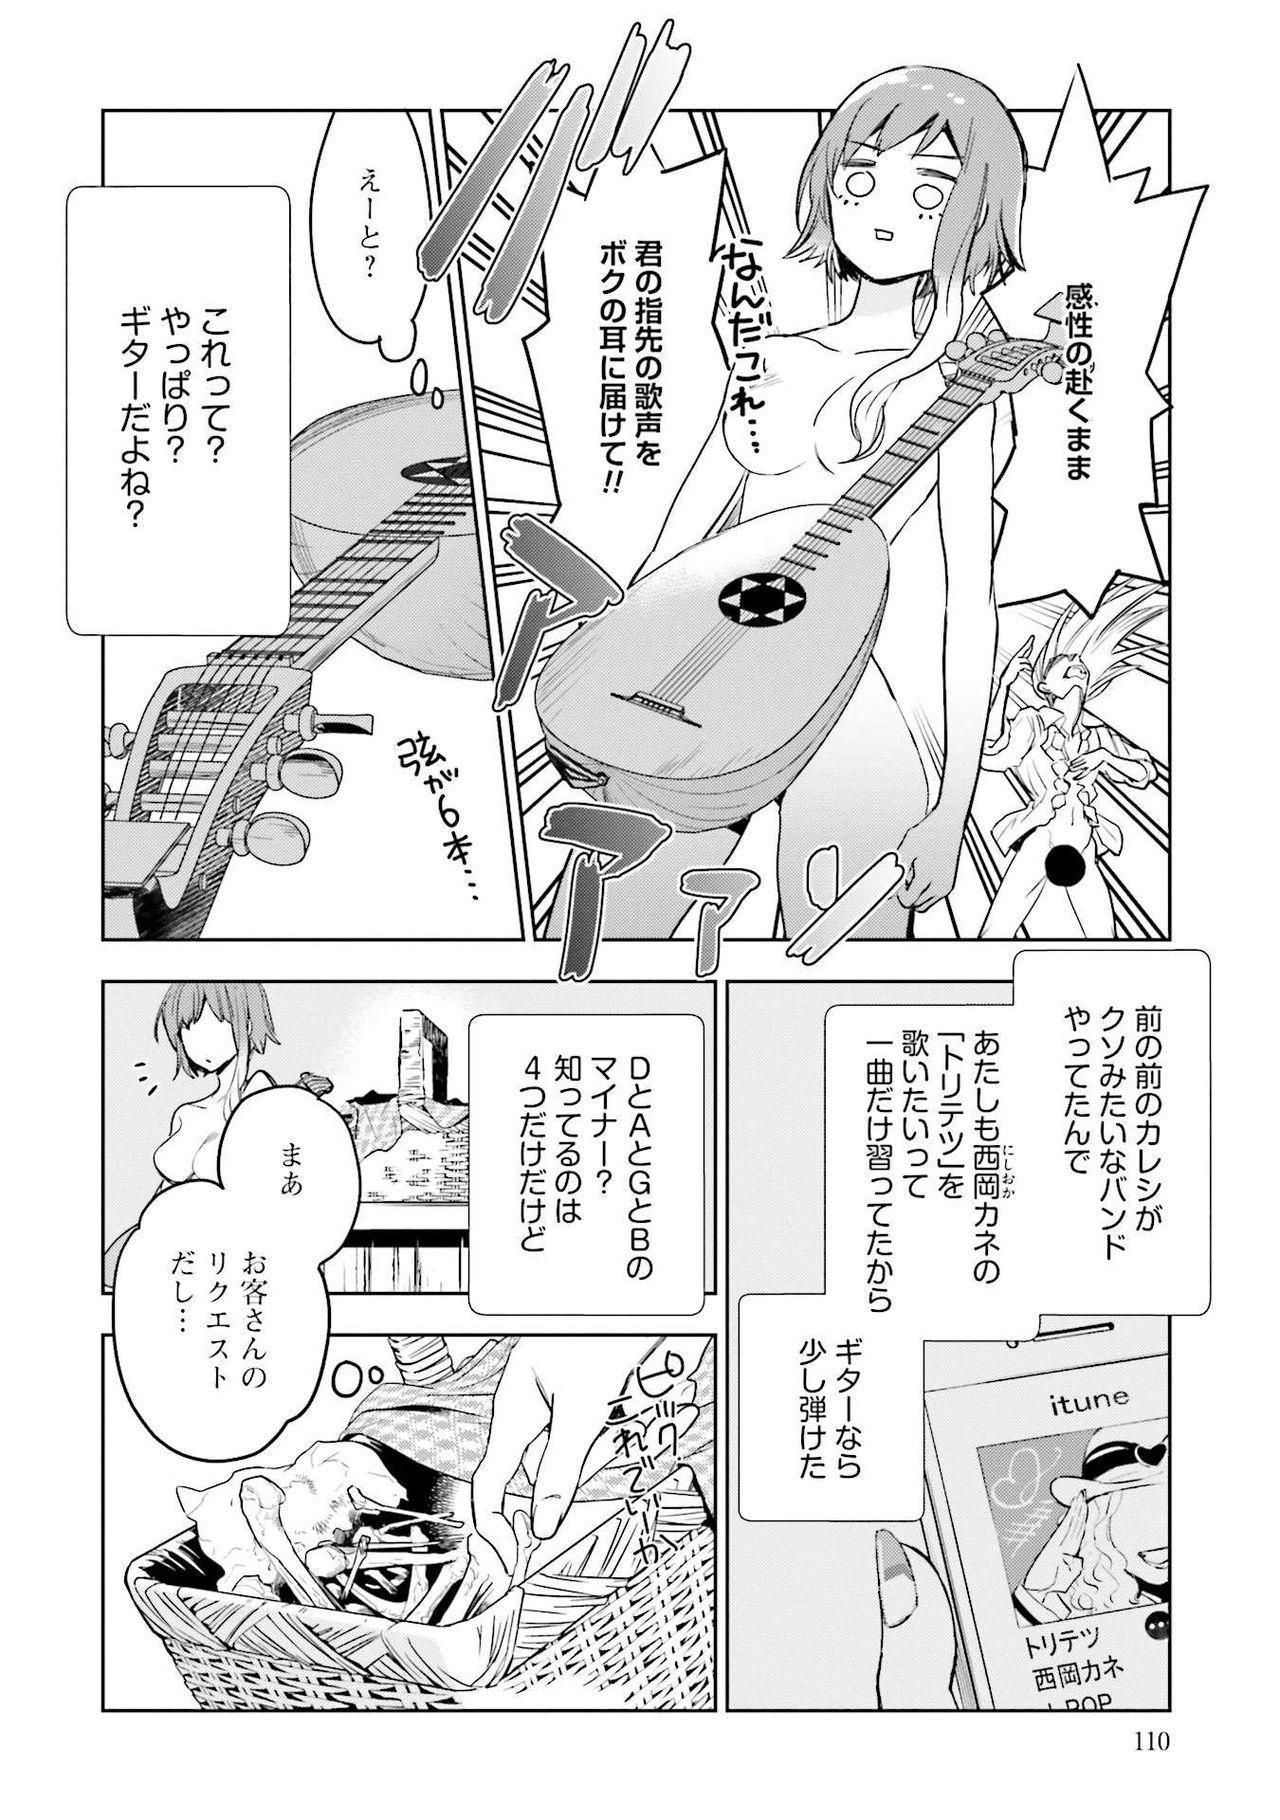 JK Haru wa Isekai de Shoufu ni Natta 1-14 111